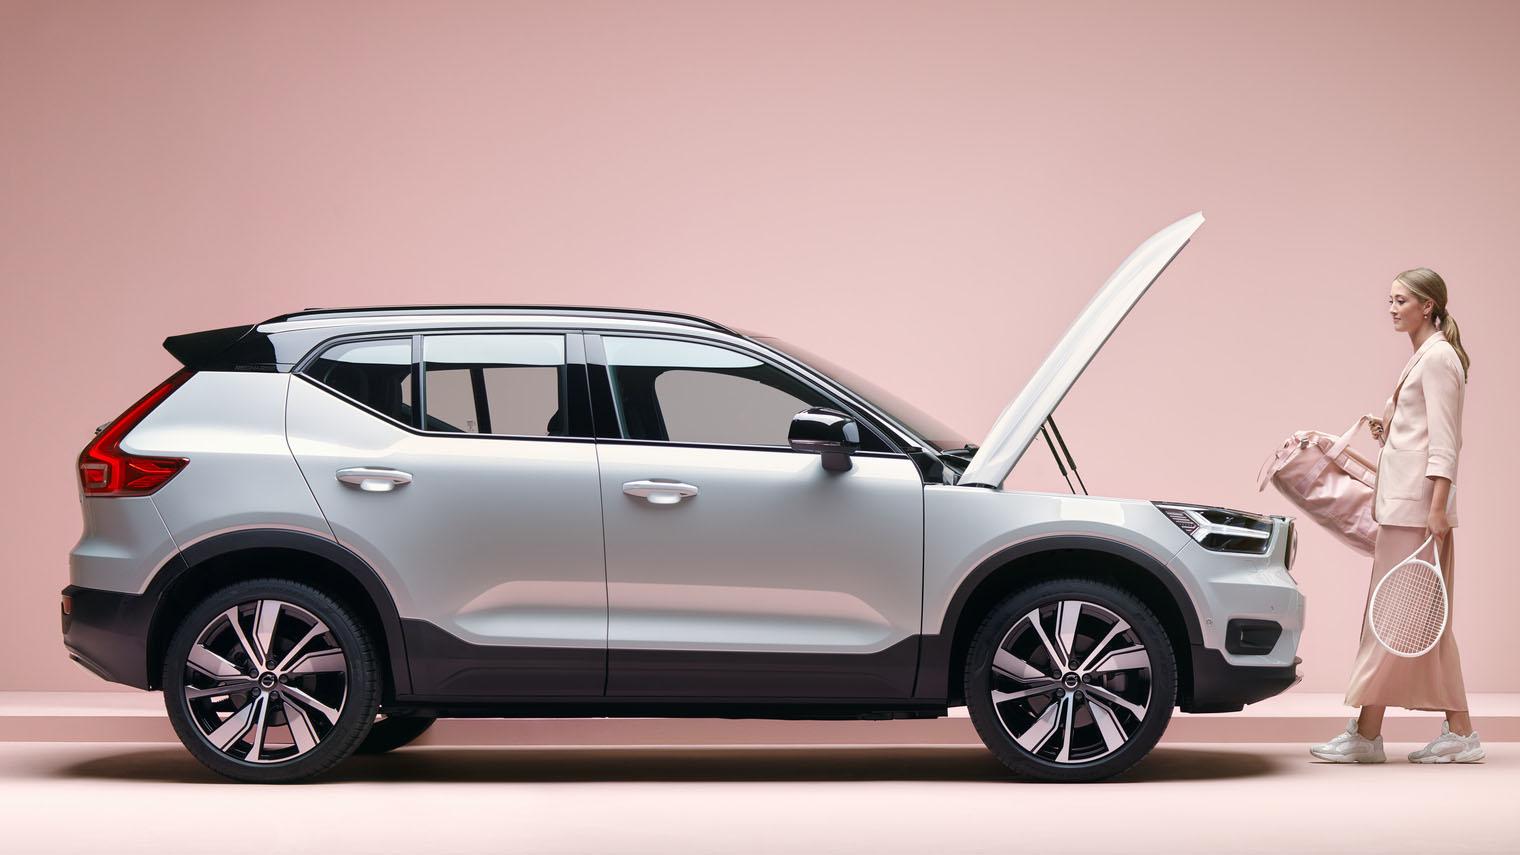 現在買要等兩年!Volvo XC40 Recharge 純電休旅開放接單,2021 第四季交車